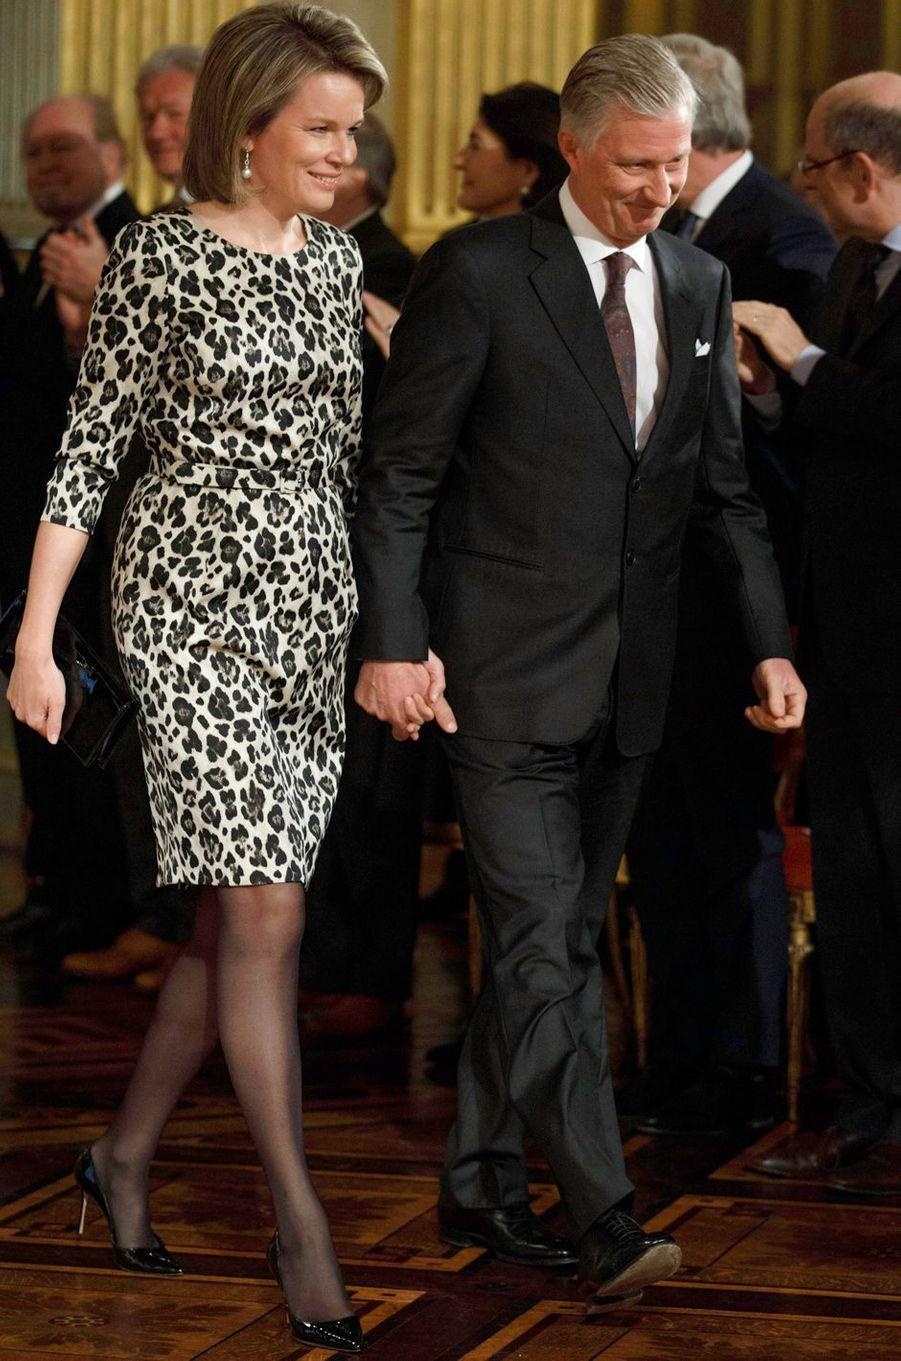 La reine Mathilde de Belgique dans une robe Natan à Bruxelles, le 18 janvier 2018